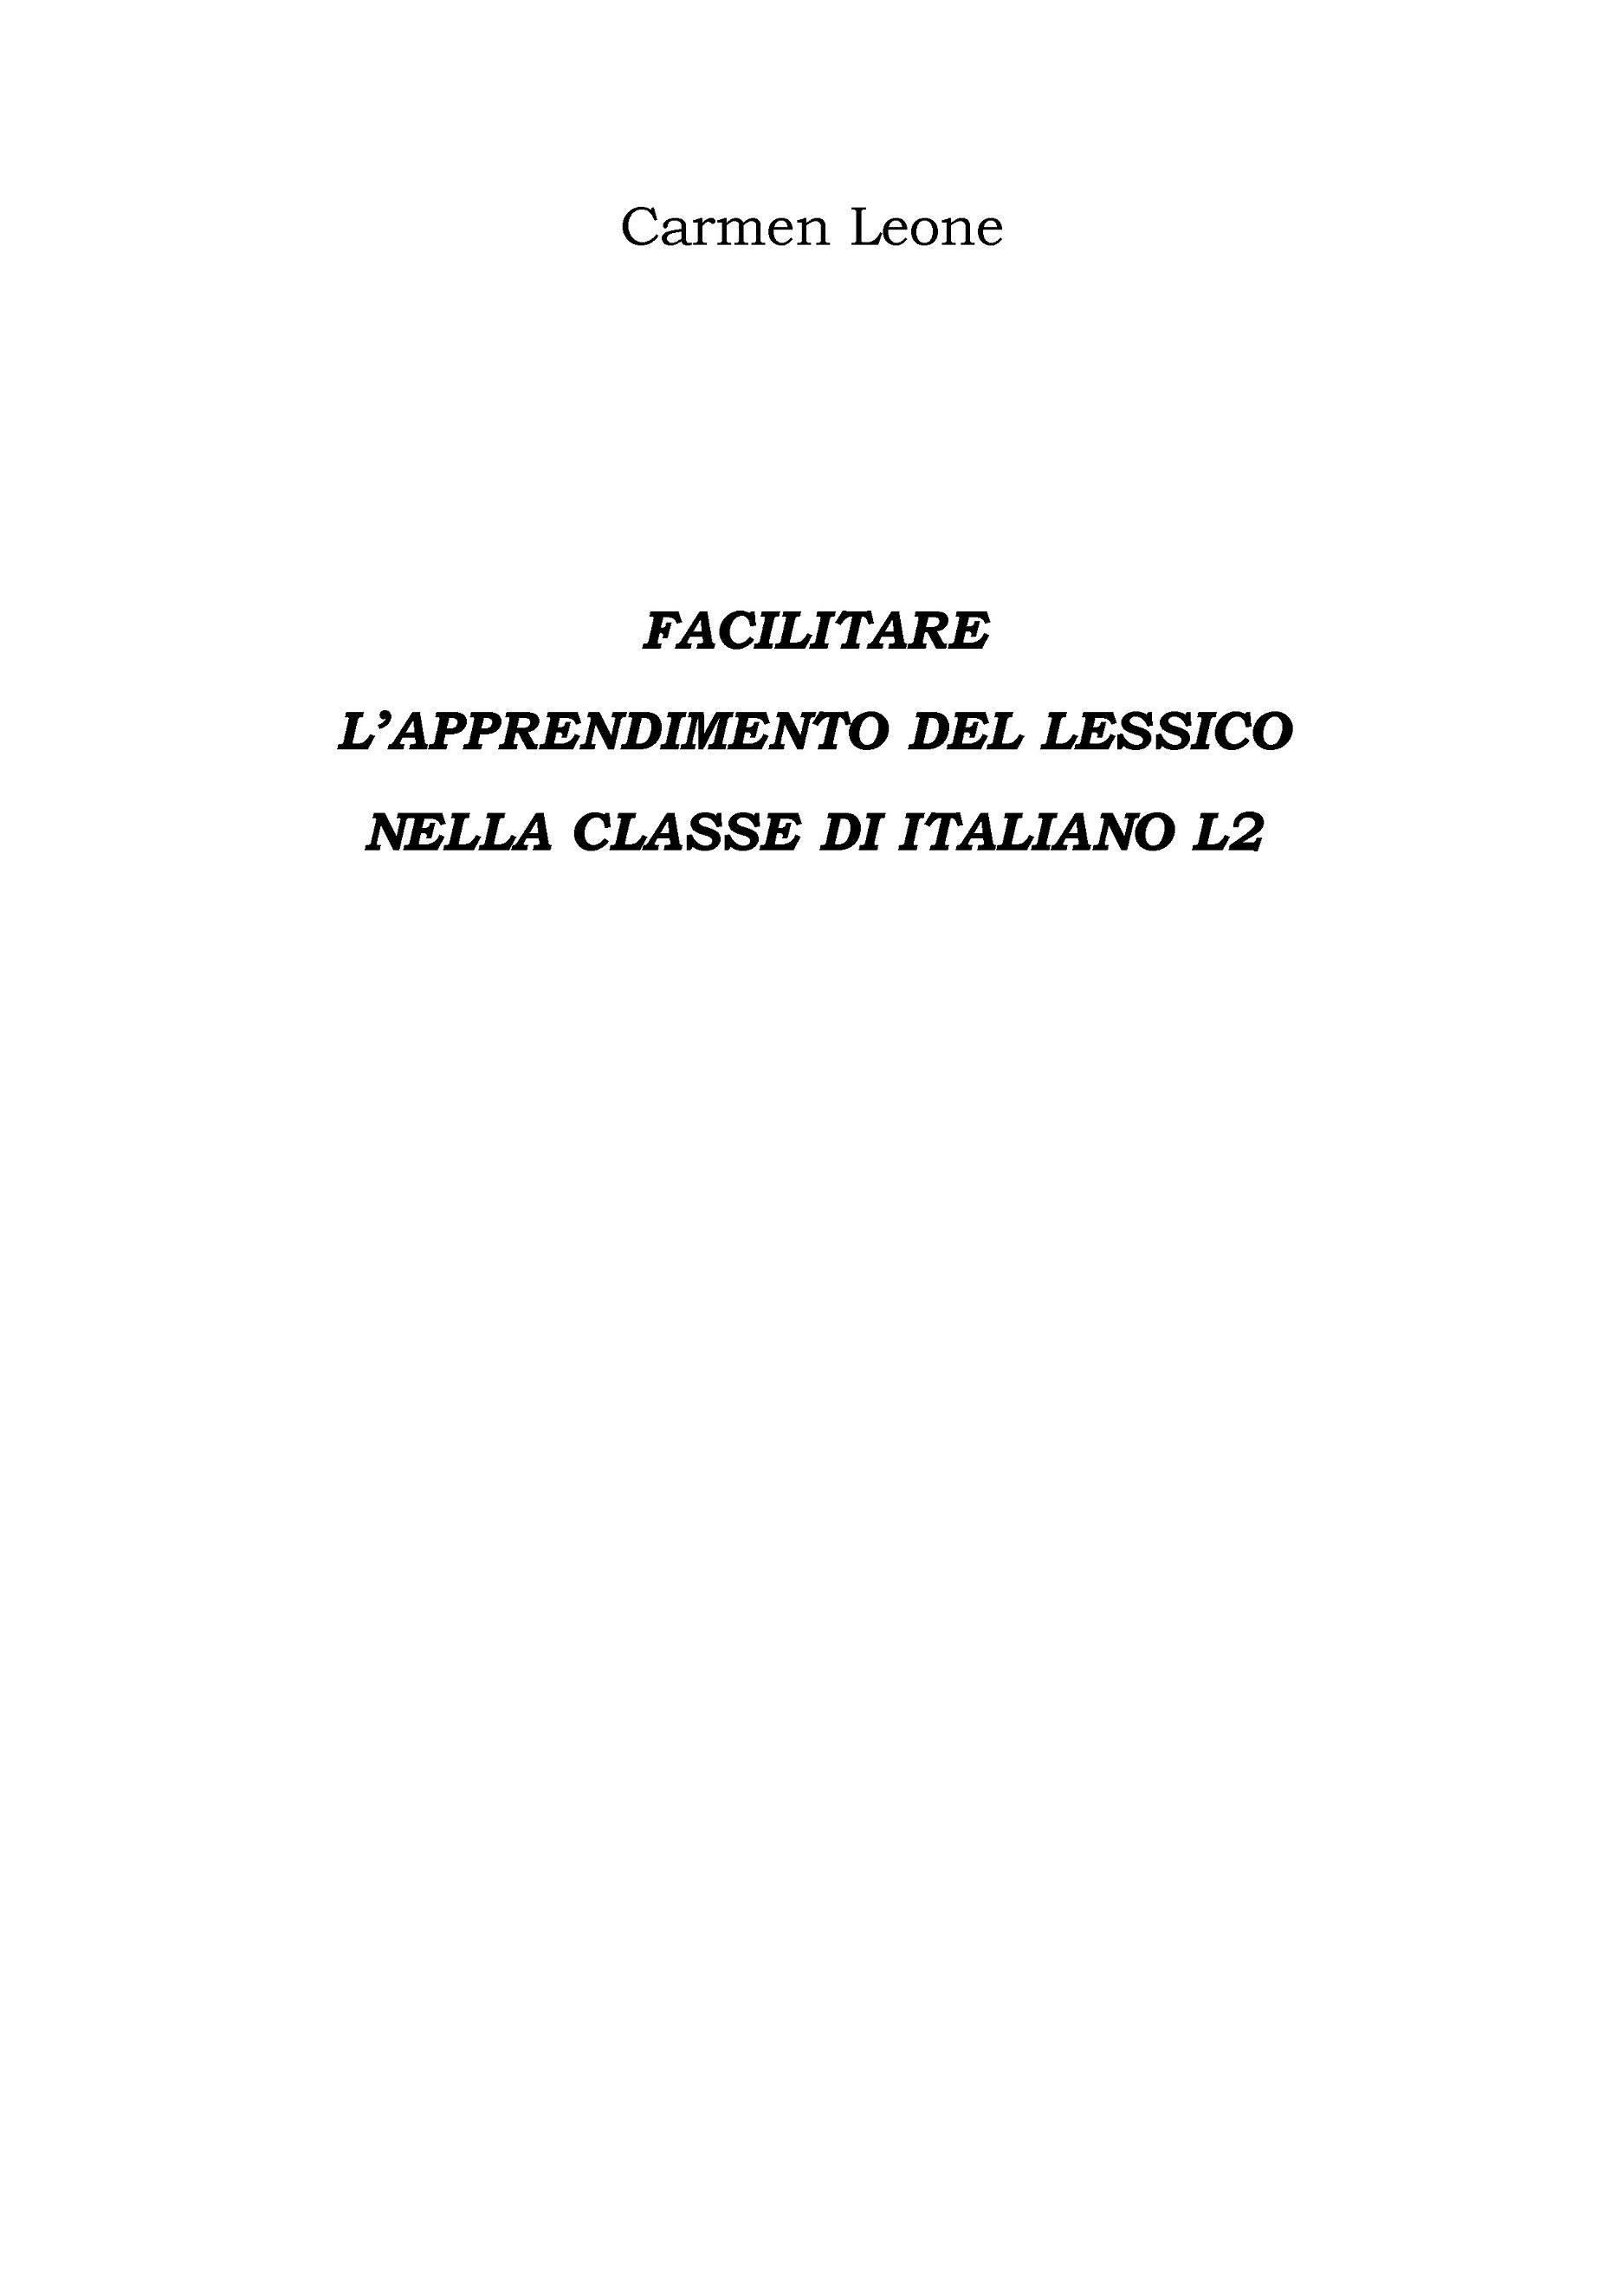 Facilitare  L'apprendimento del lessico Nella classe di italiano l2